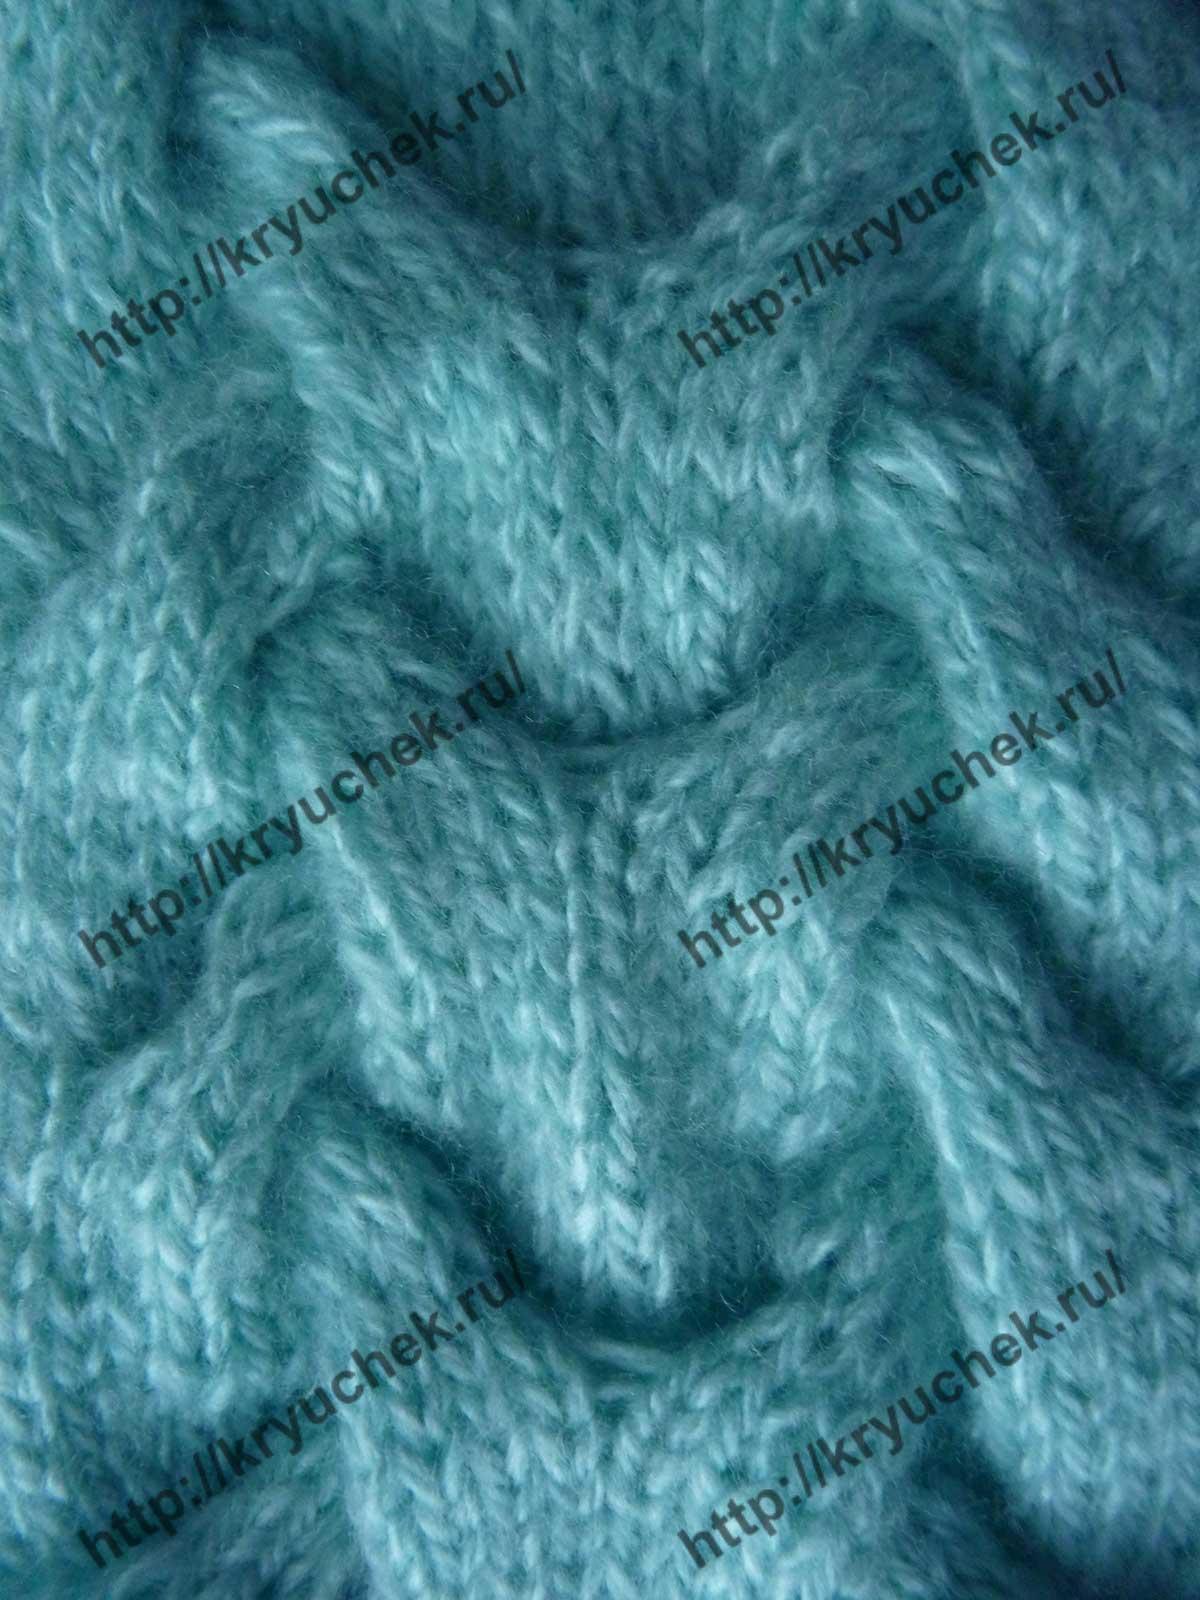 Королевская коса спицами схема: описание вязания 53